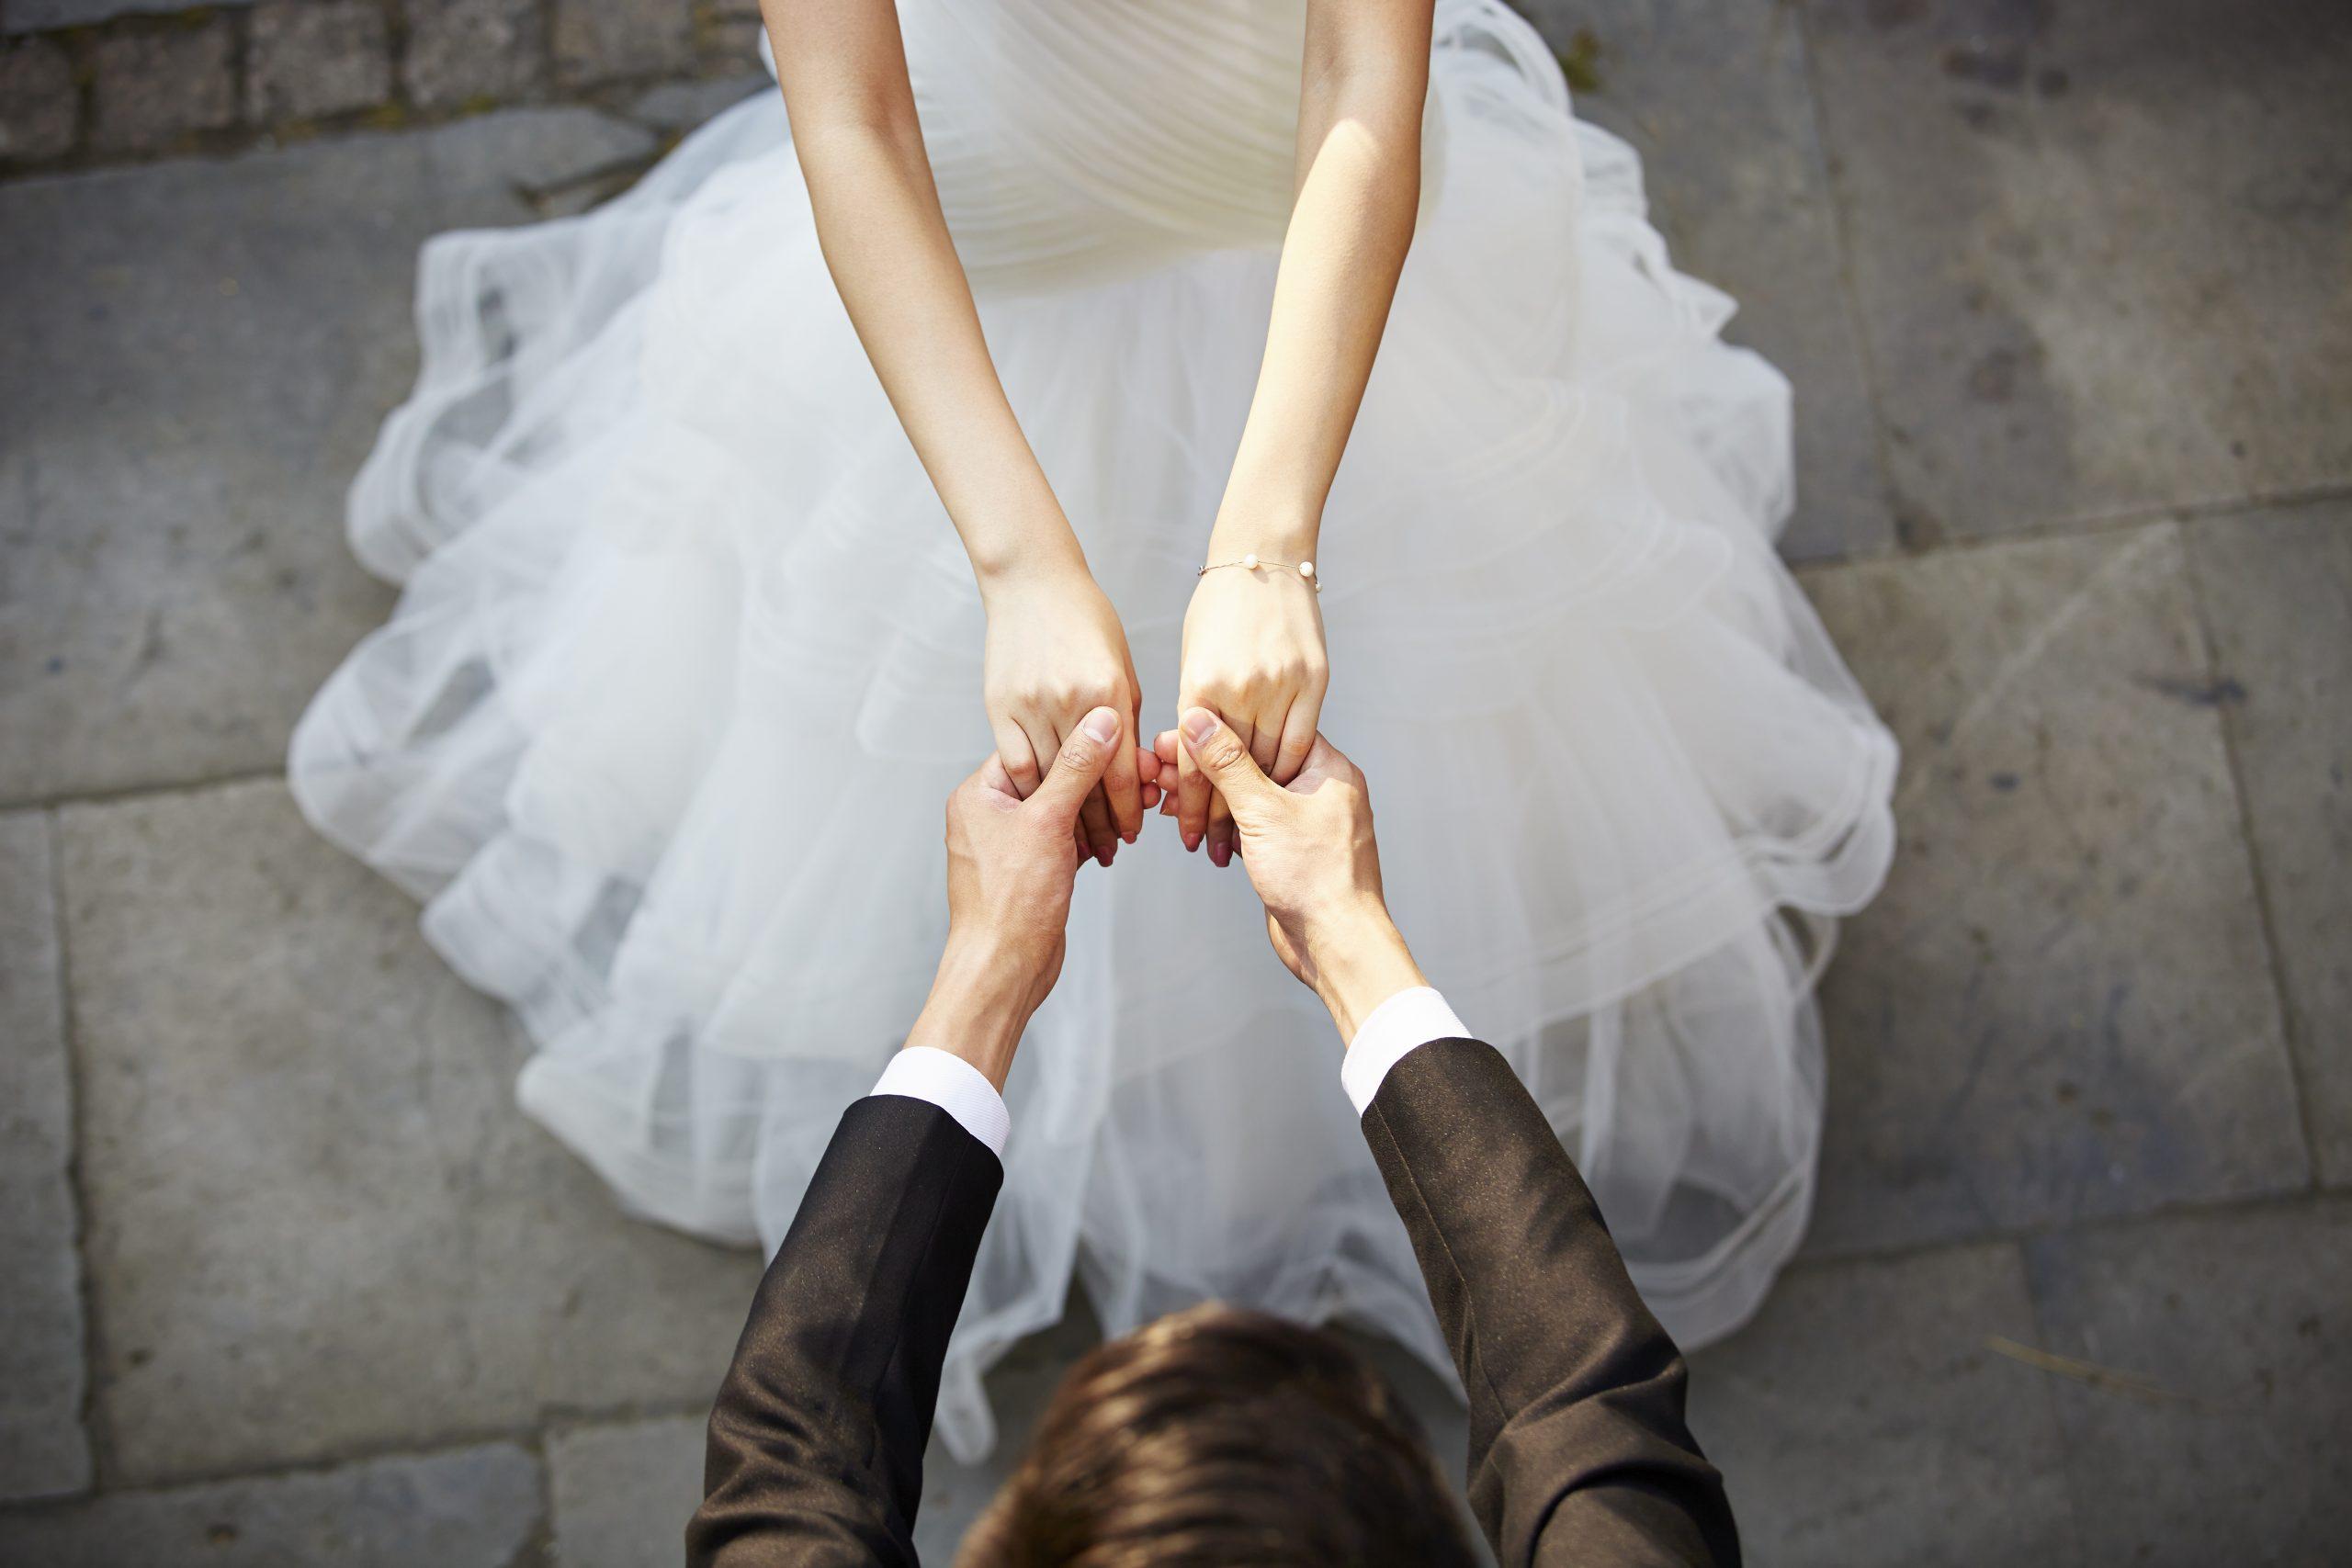 結婚占い|あなたの生涯伴侶を特定します⇒出会いの場所&見た目